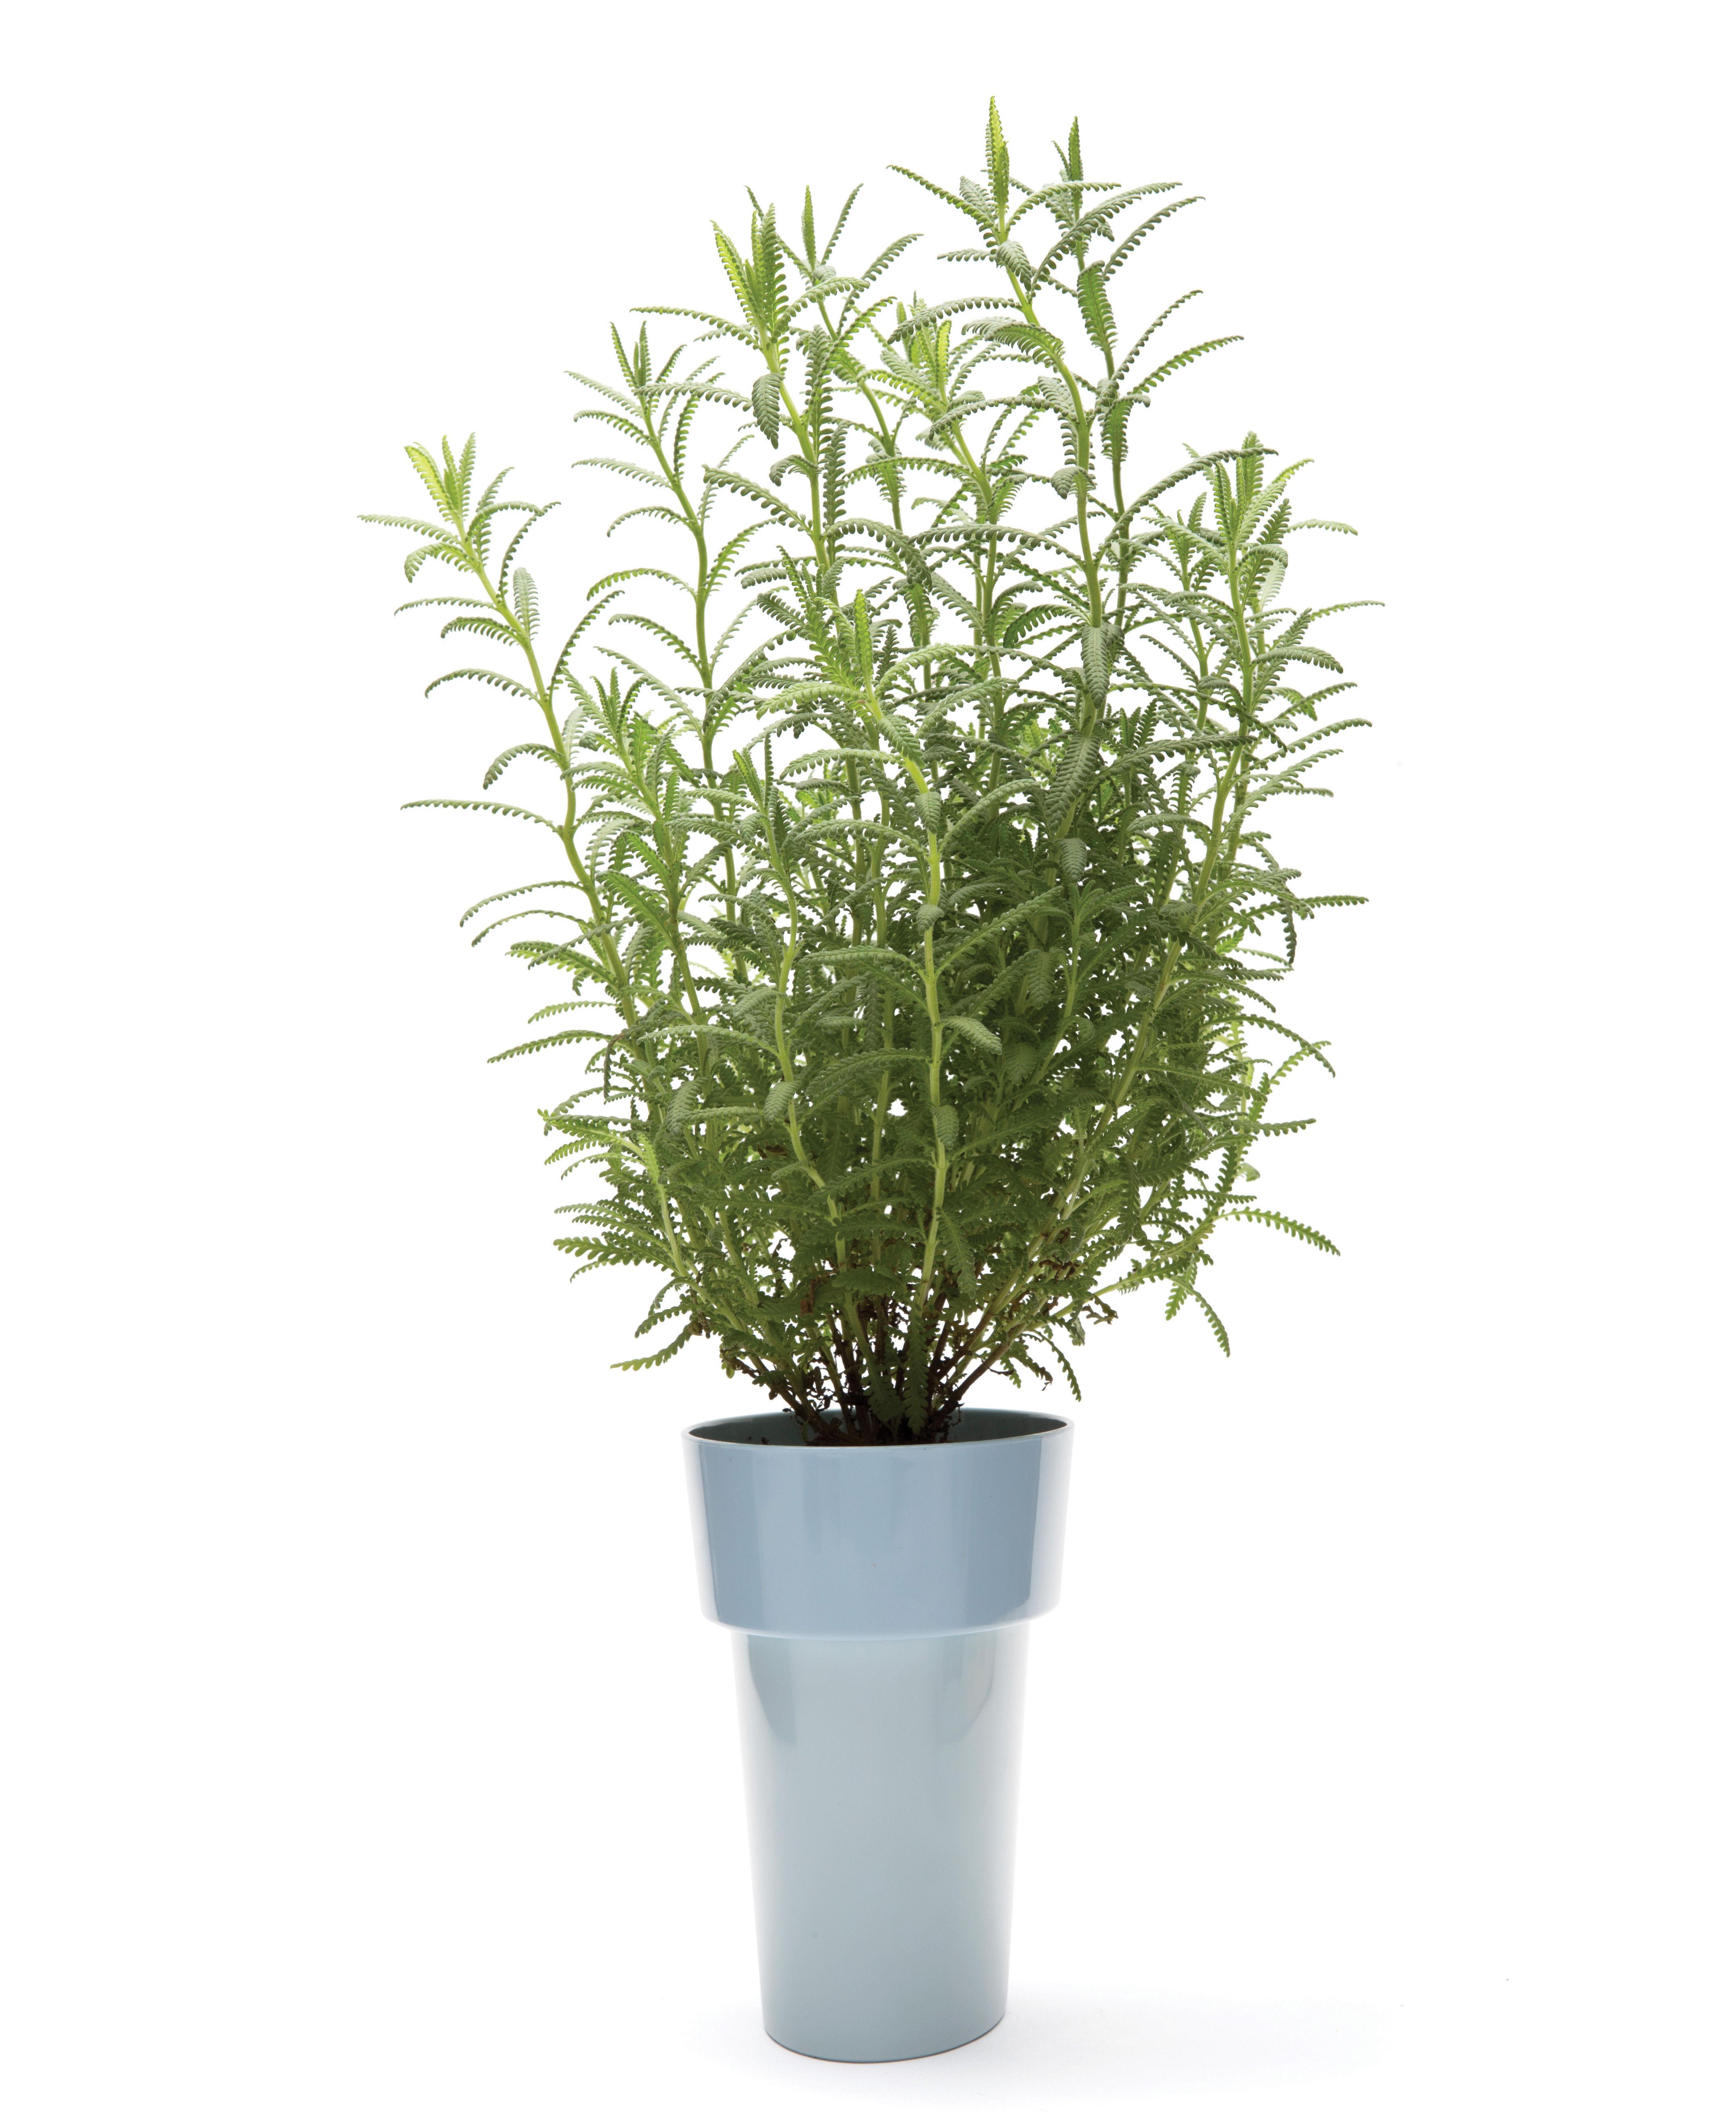 pot de fleurs slim ovale coupelle int gr e bleu pa design made in design. Black Bedroom Furniture Sets. Home Design Ideas